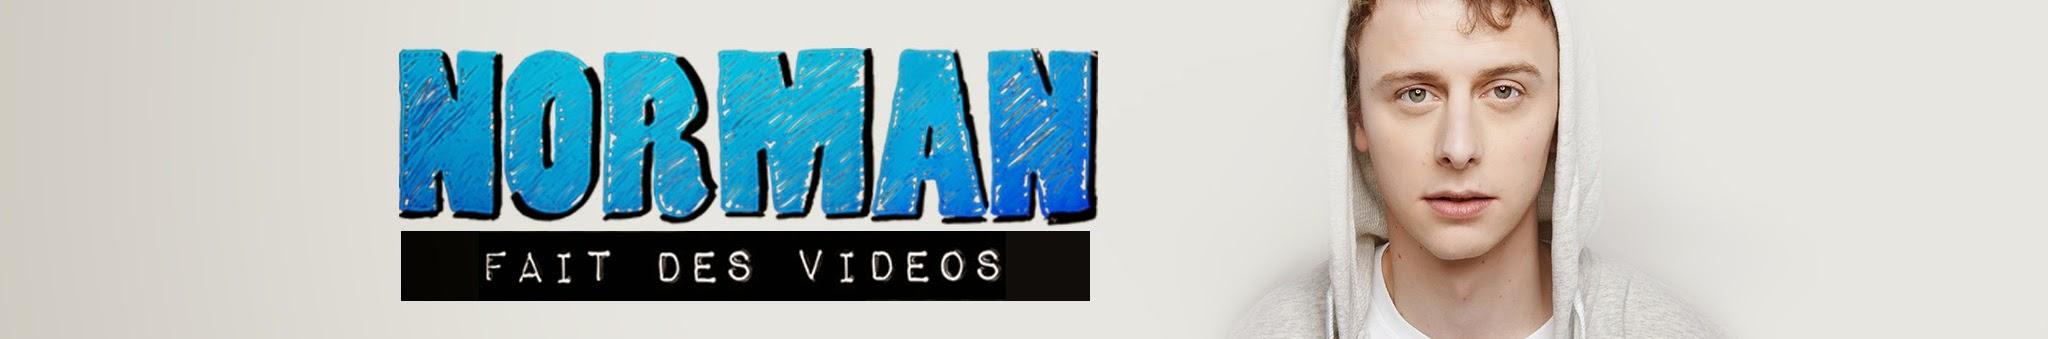 Les 6 meilleures chaînes françaises comiques sur YouTube